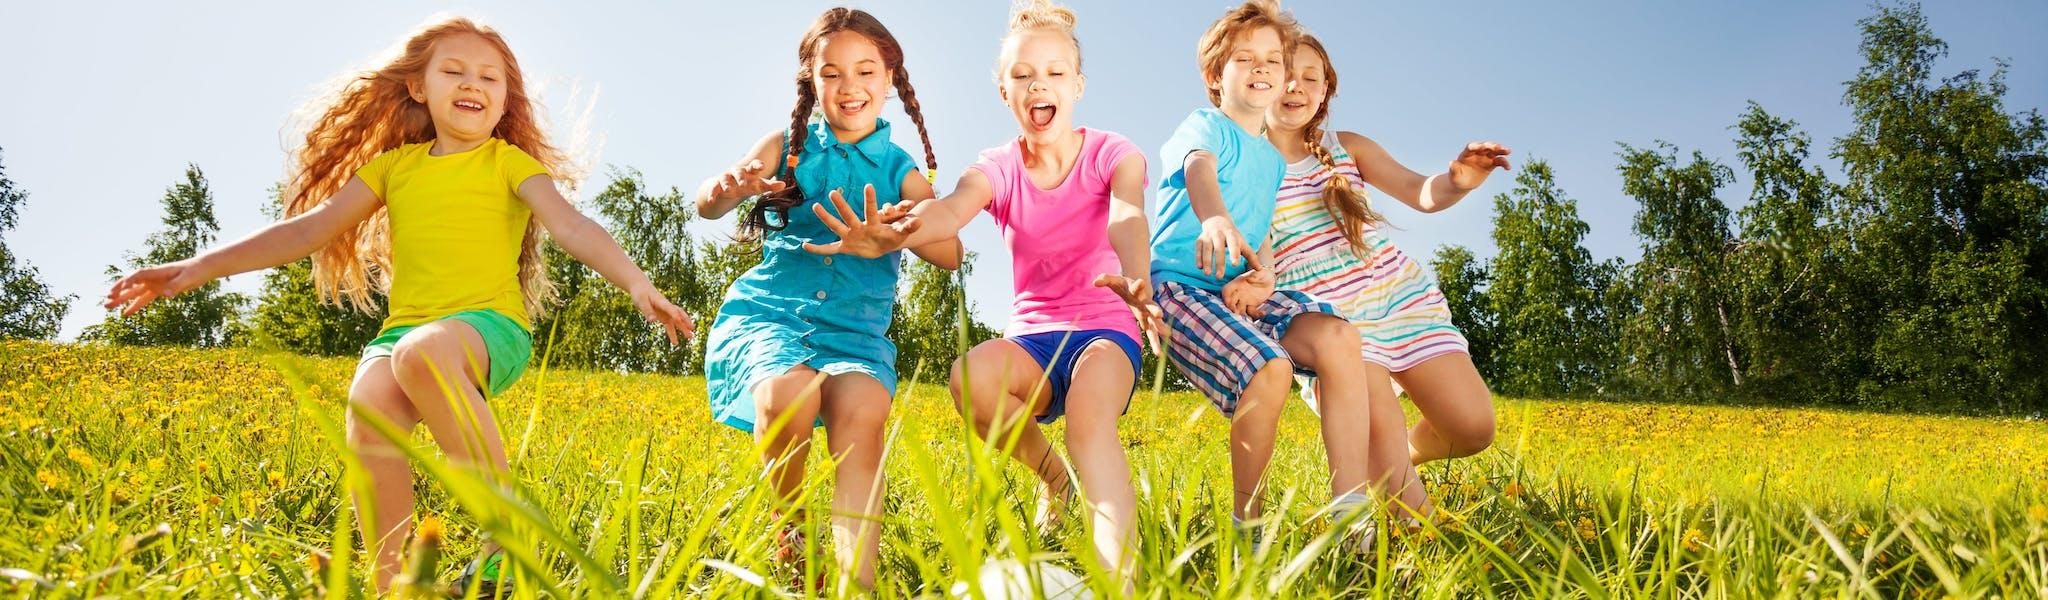 Stockfoto - voetballende kinderen